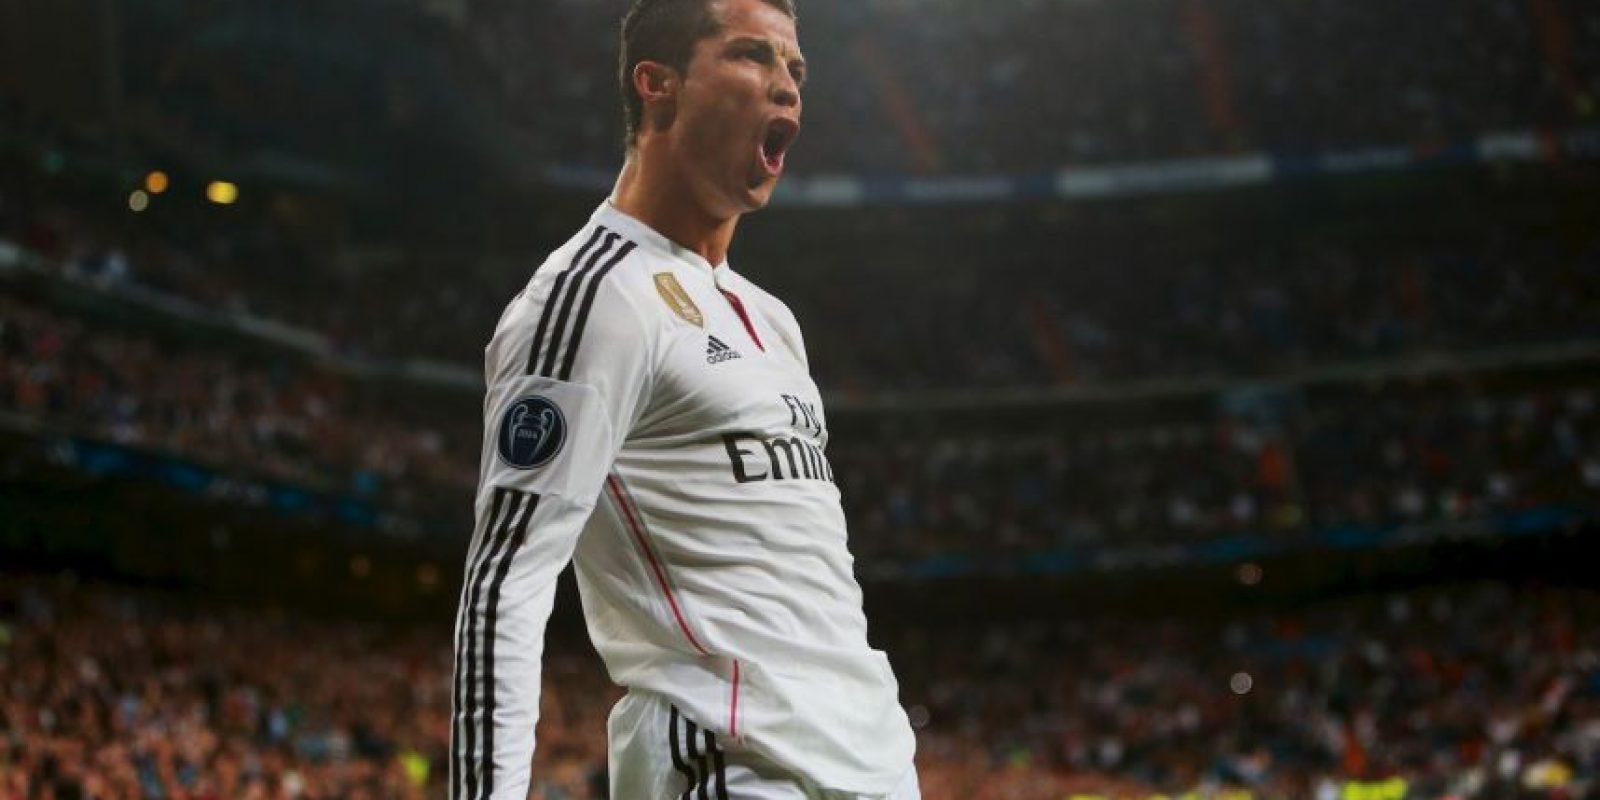 Entre su palmarés individual se encuentran tres Balón de Oro (2008, 2013 y 2014), y a nivel clubes, dos Champions League, dos Mundial de Clubes y cuatro campeonatos de liga. Foto:Getty Images